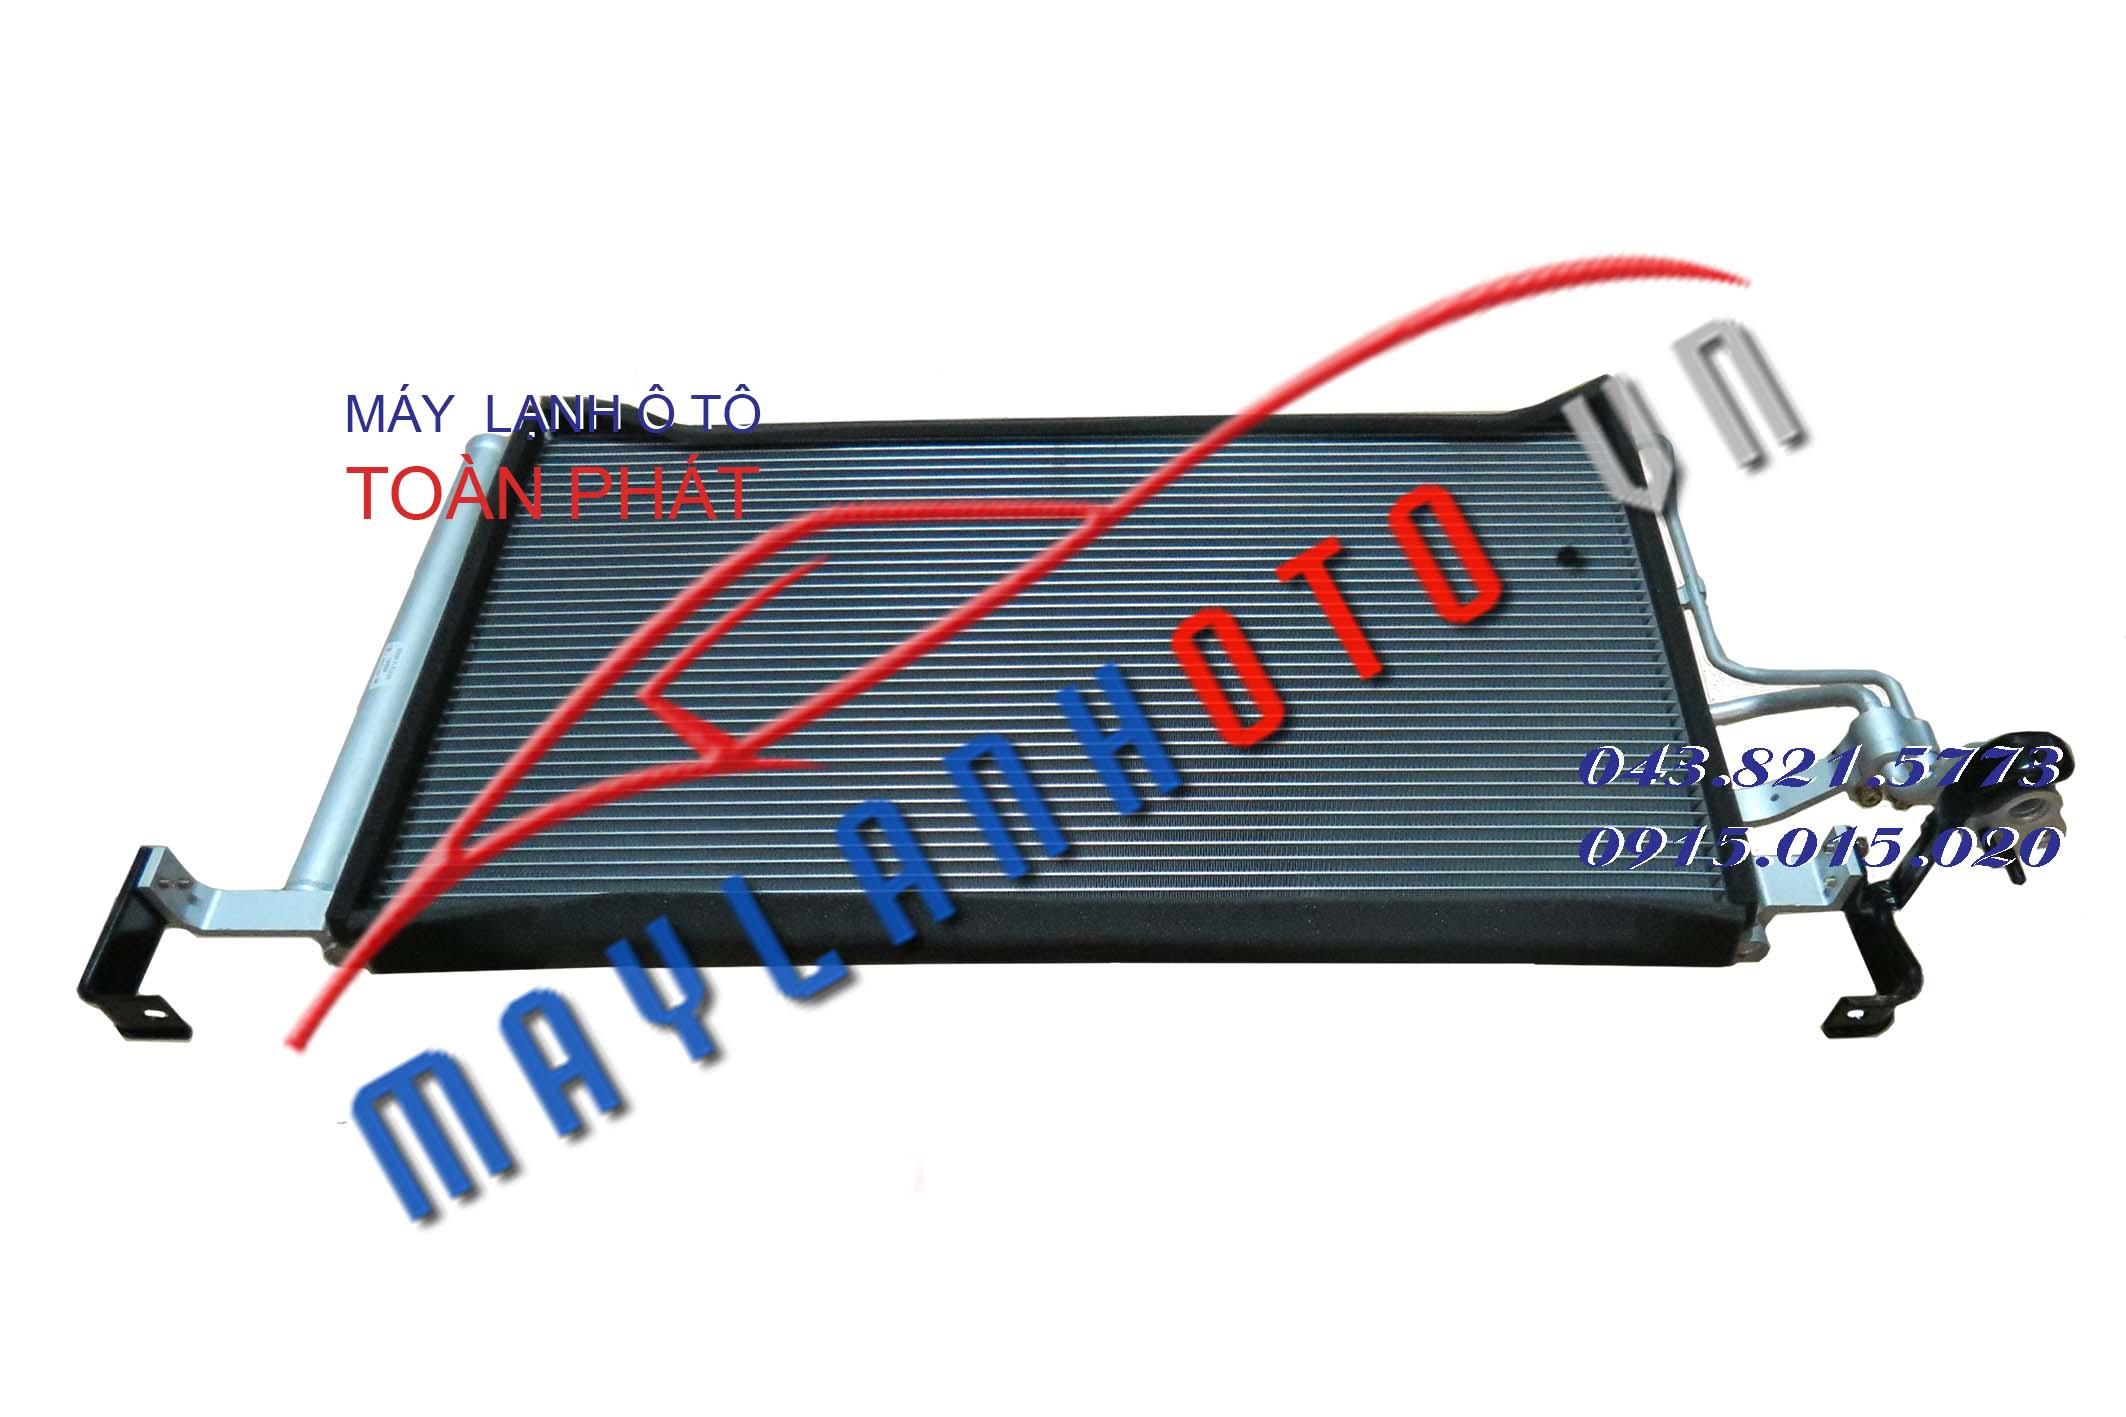 Grand Starex / Giàn nóng điều hòa Hyundai Grand Starex / Dàn nóng điều hòa Hyundai Grand Starex